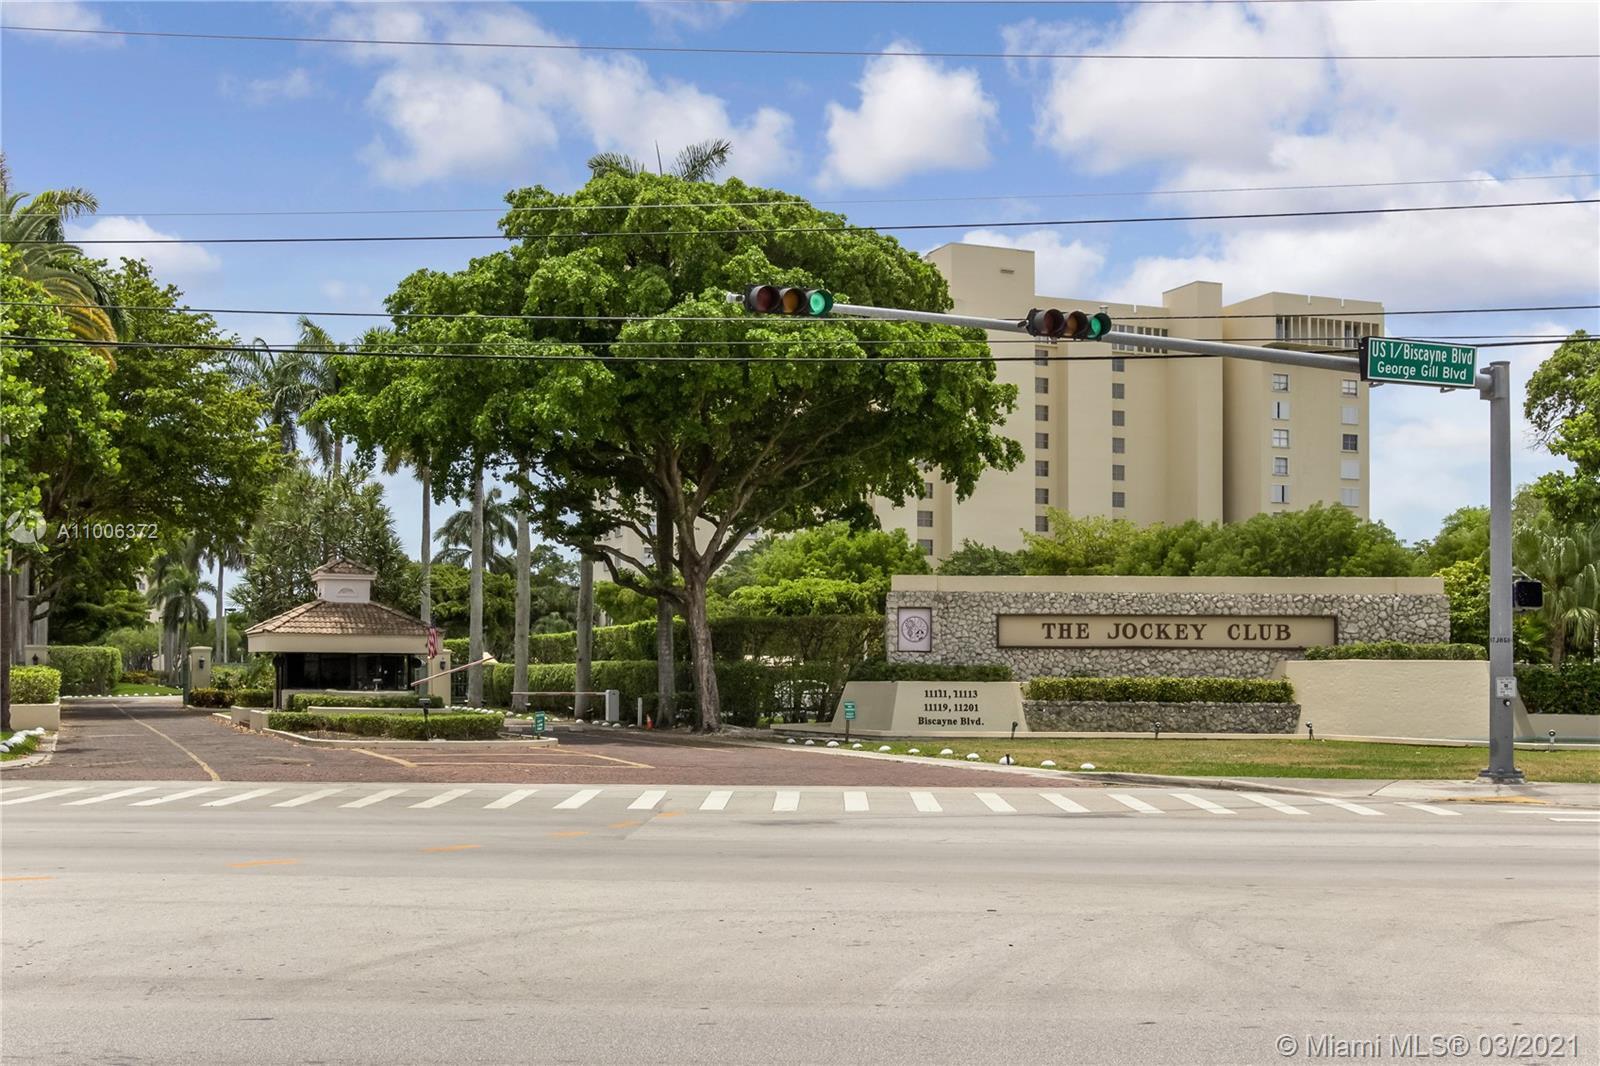 Jockey Club Building II #20D - 11111 Biscayne Blvd #20D, Miami, FL 33181